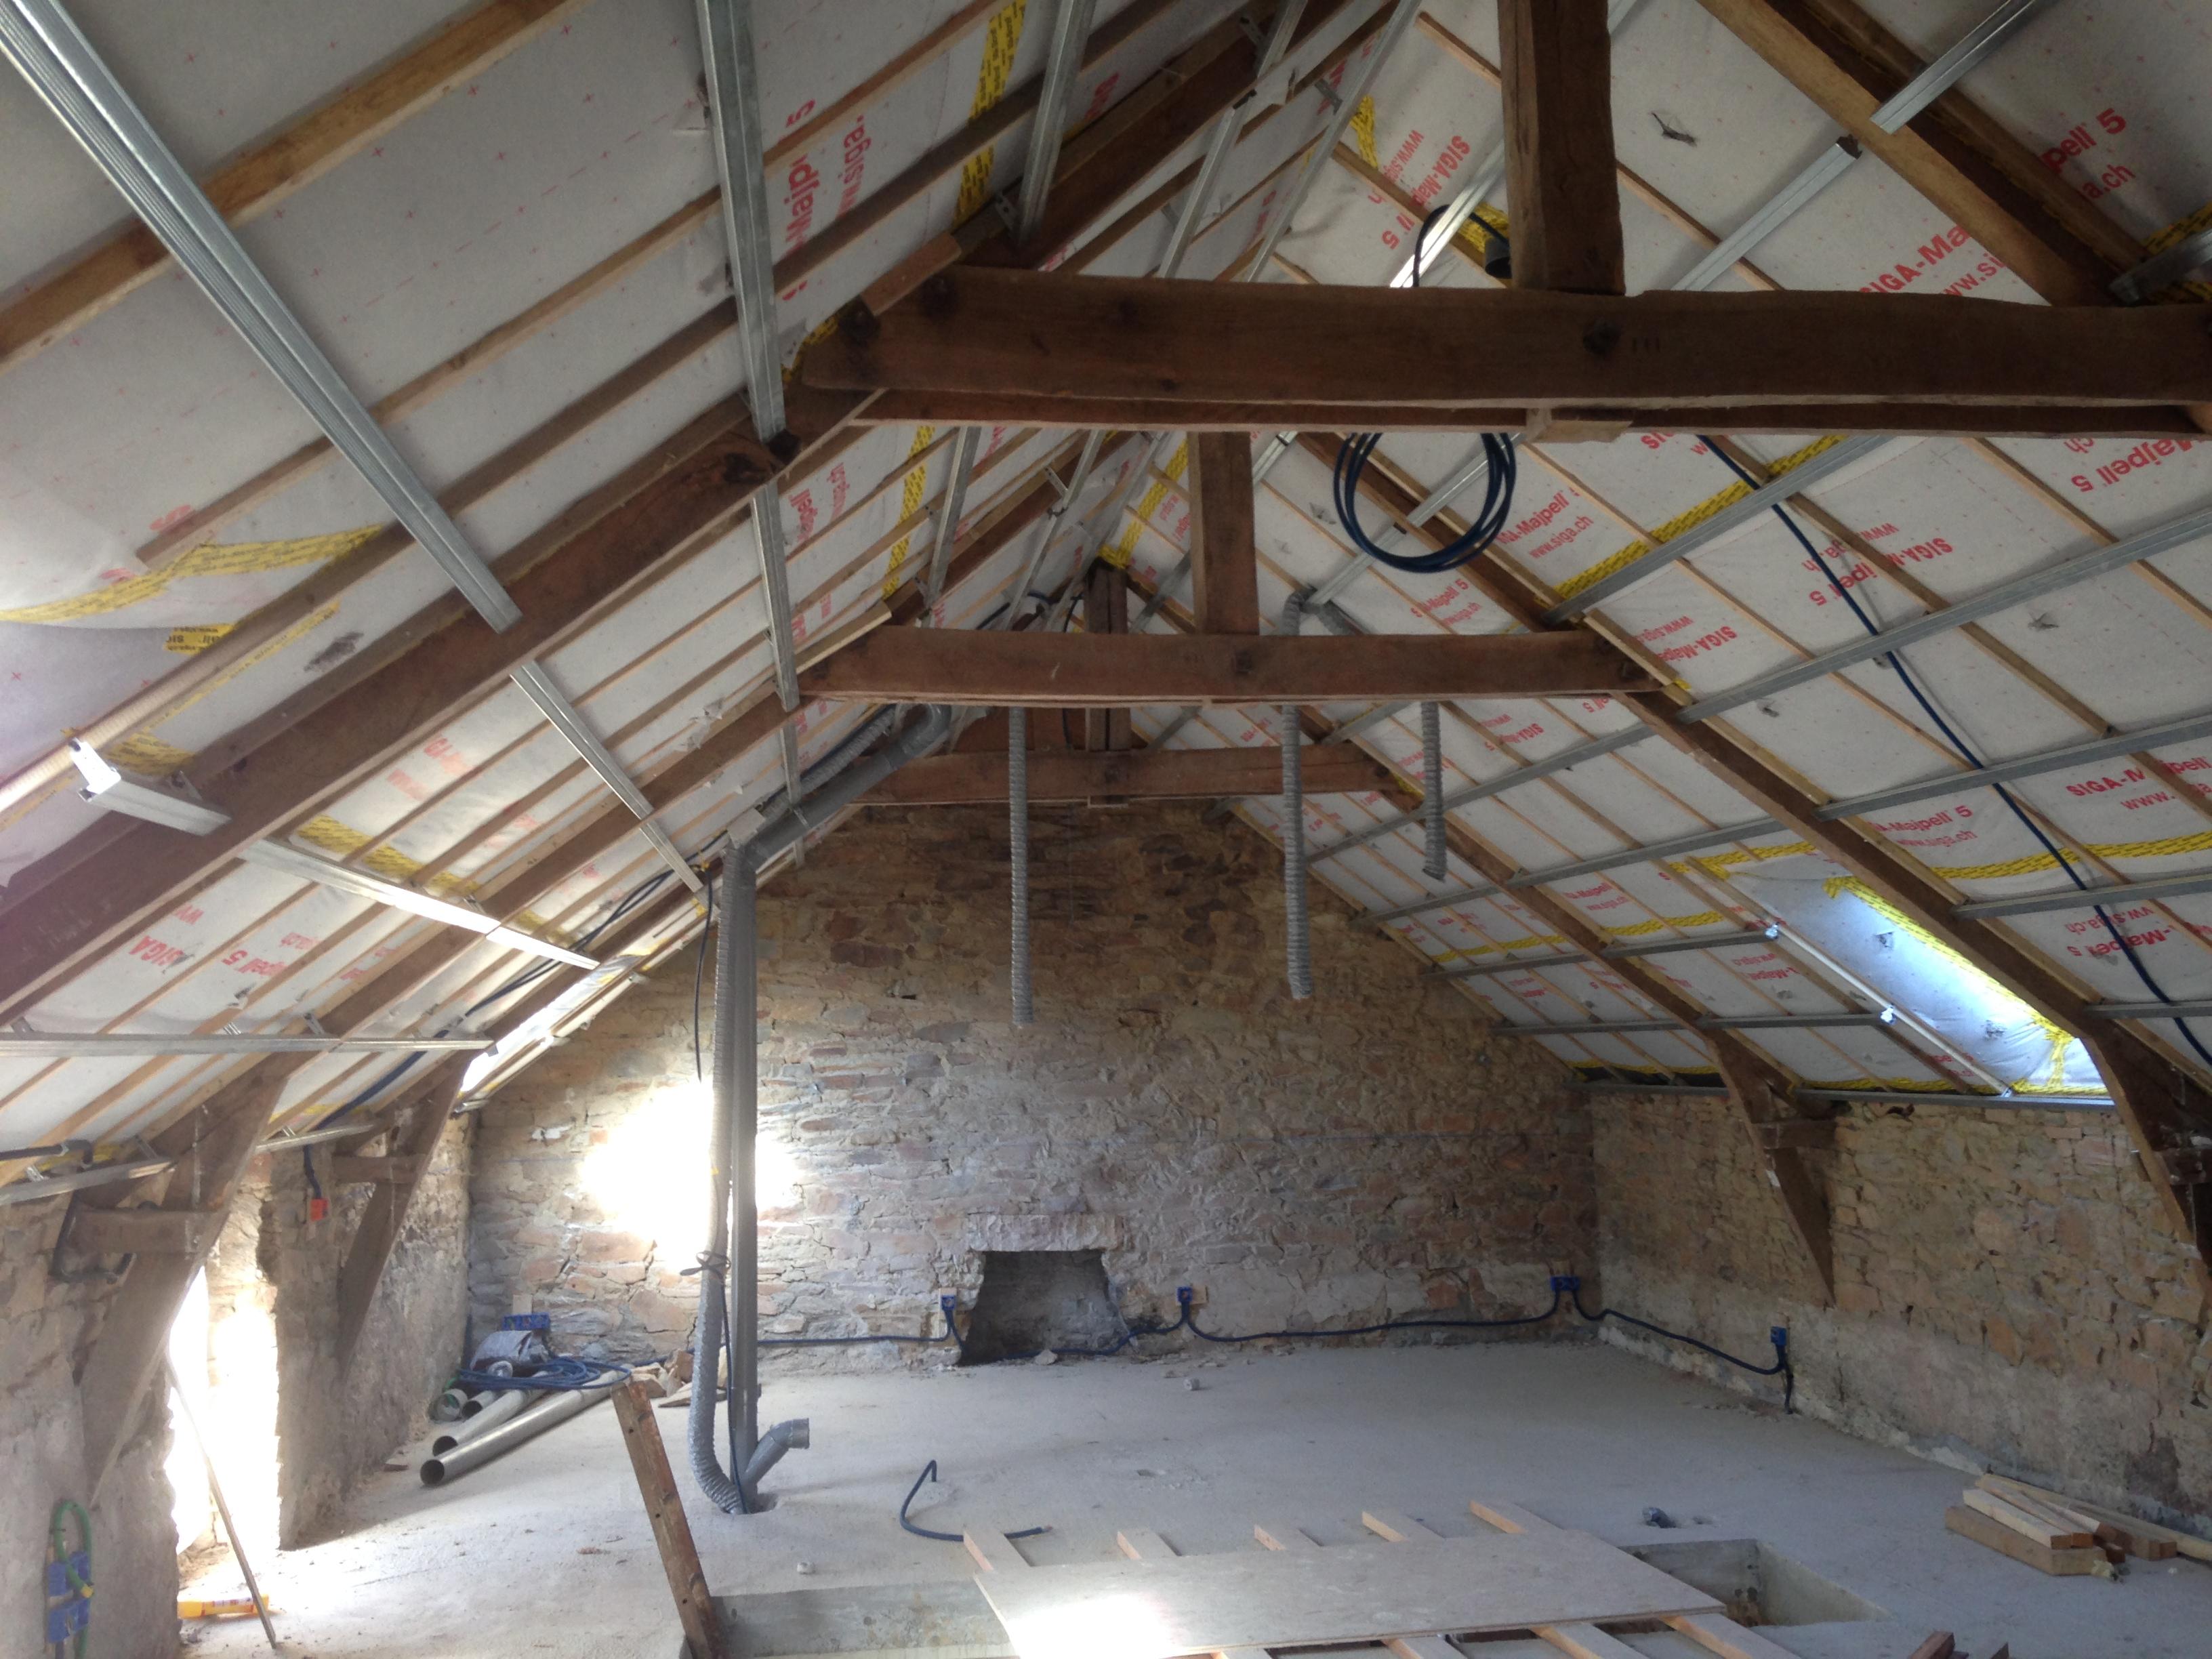 embarquement des travaux de renovation energetique le decret publie le mulot. Black Bedroom Furniture Sets. Home Design Ideas